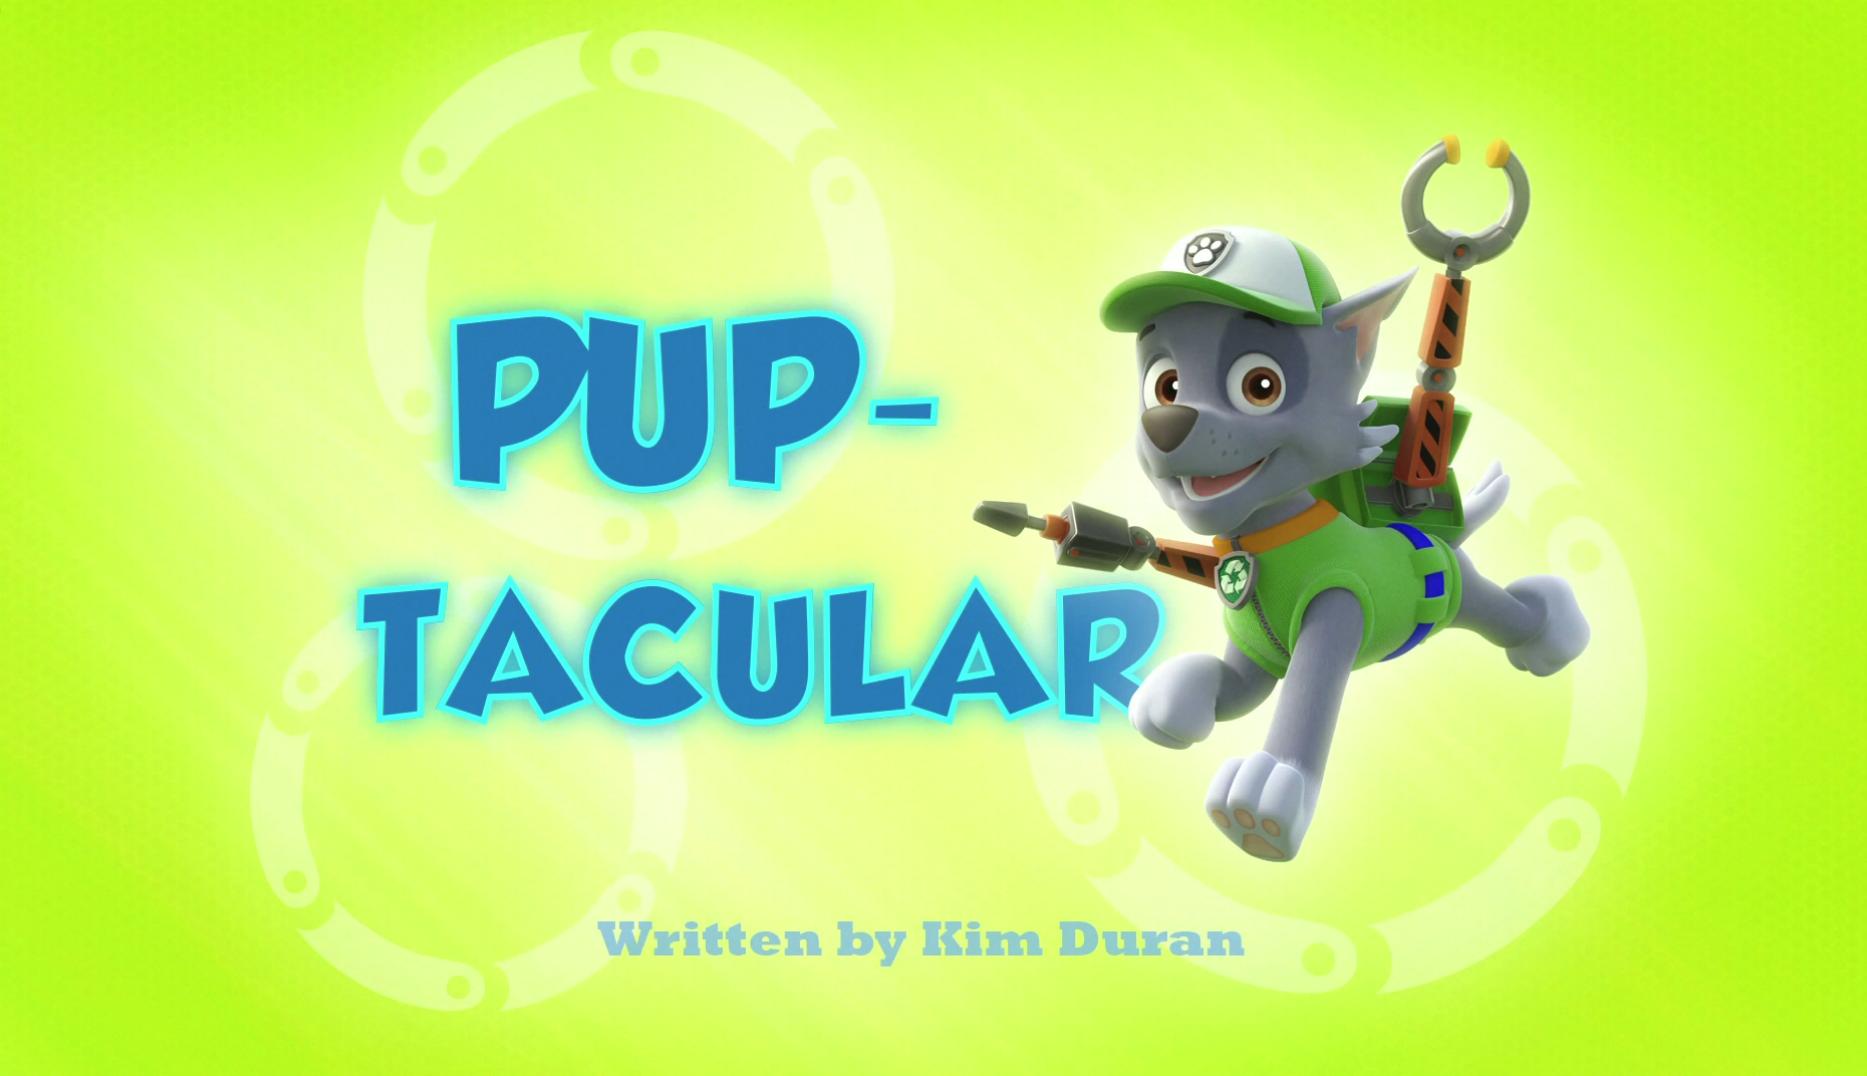 Pup Tacular Paw Patrol Wiki Fandom Powered By Wikia